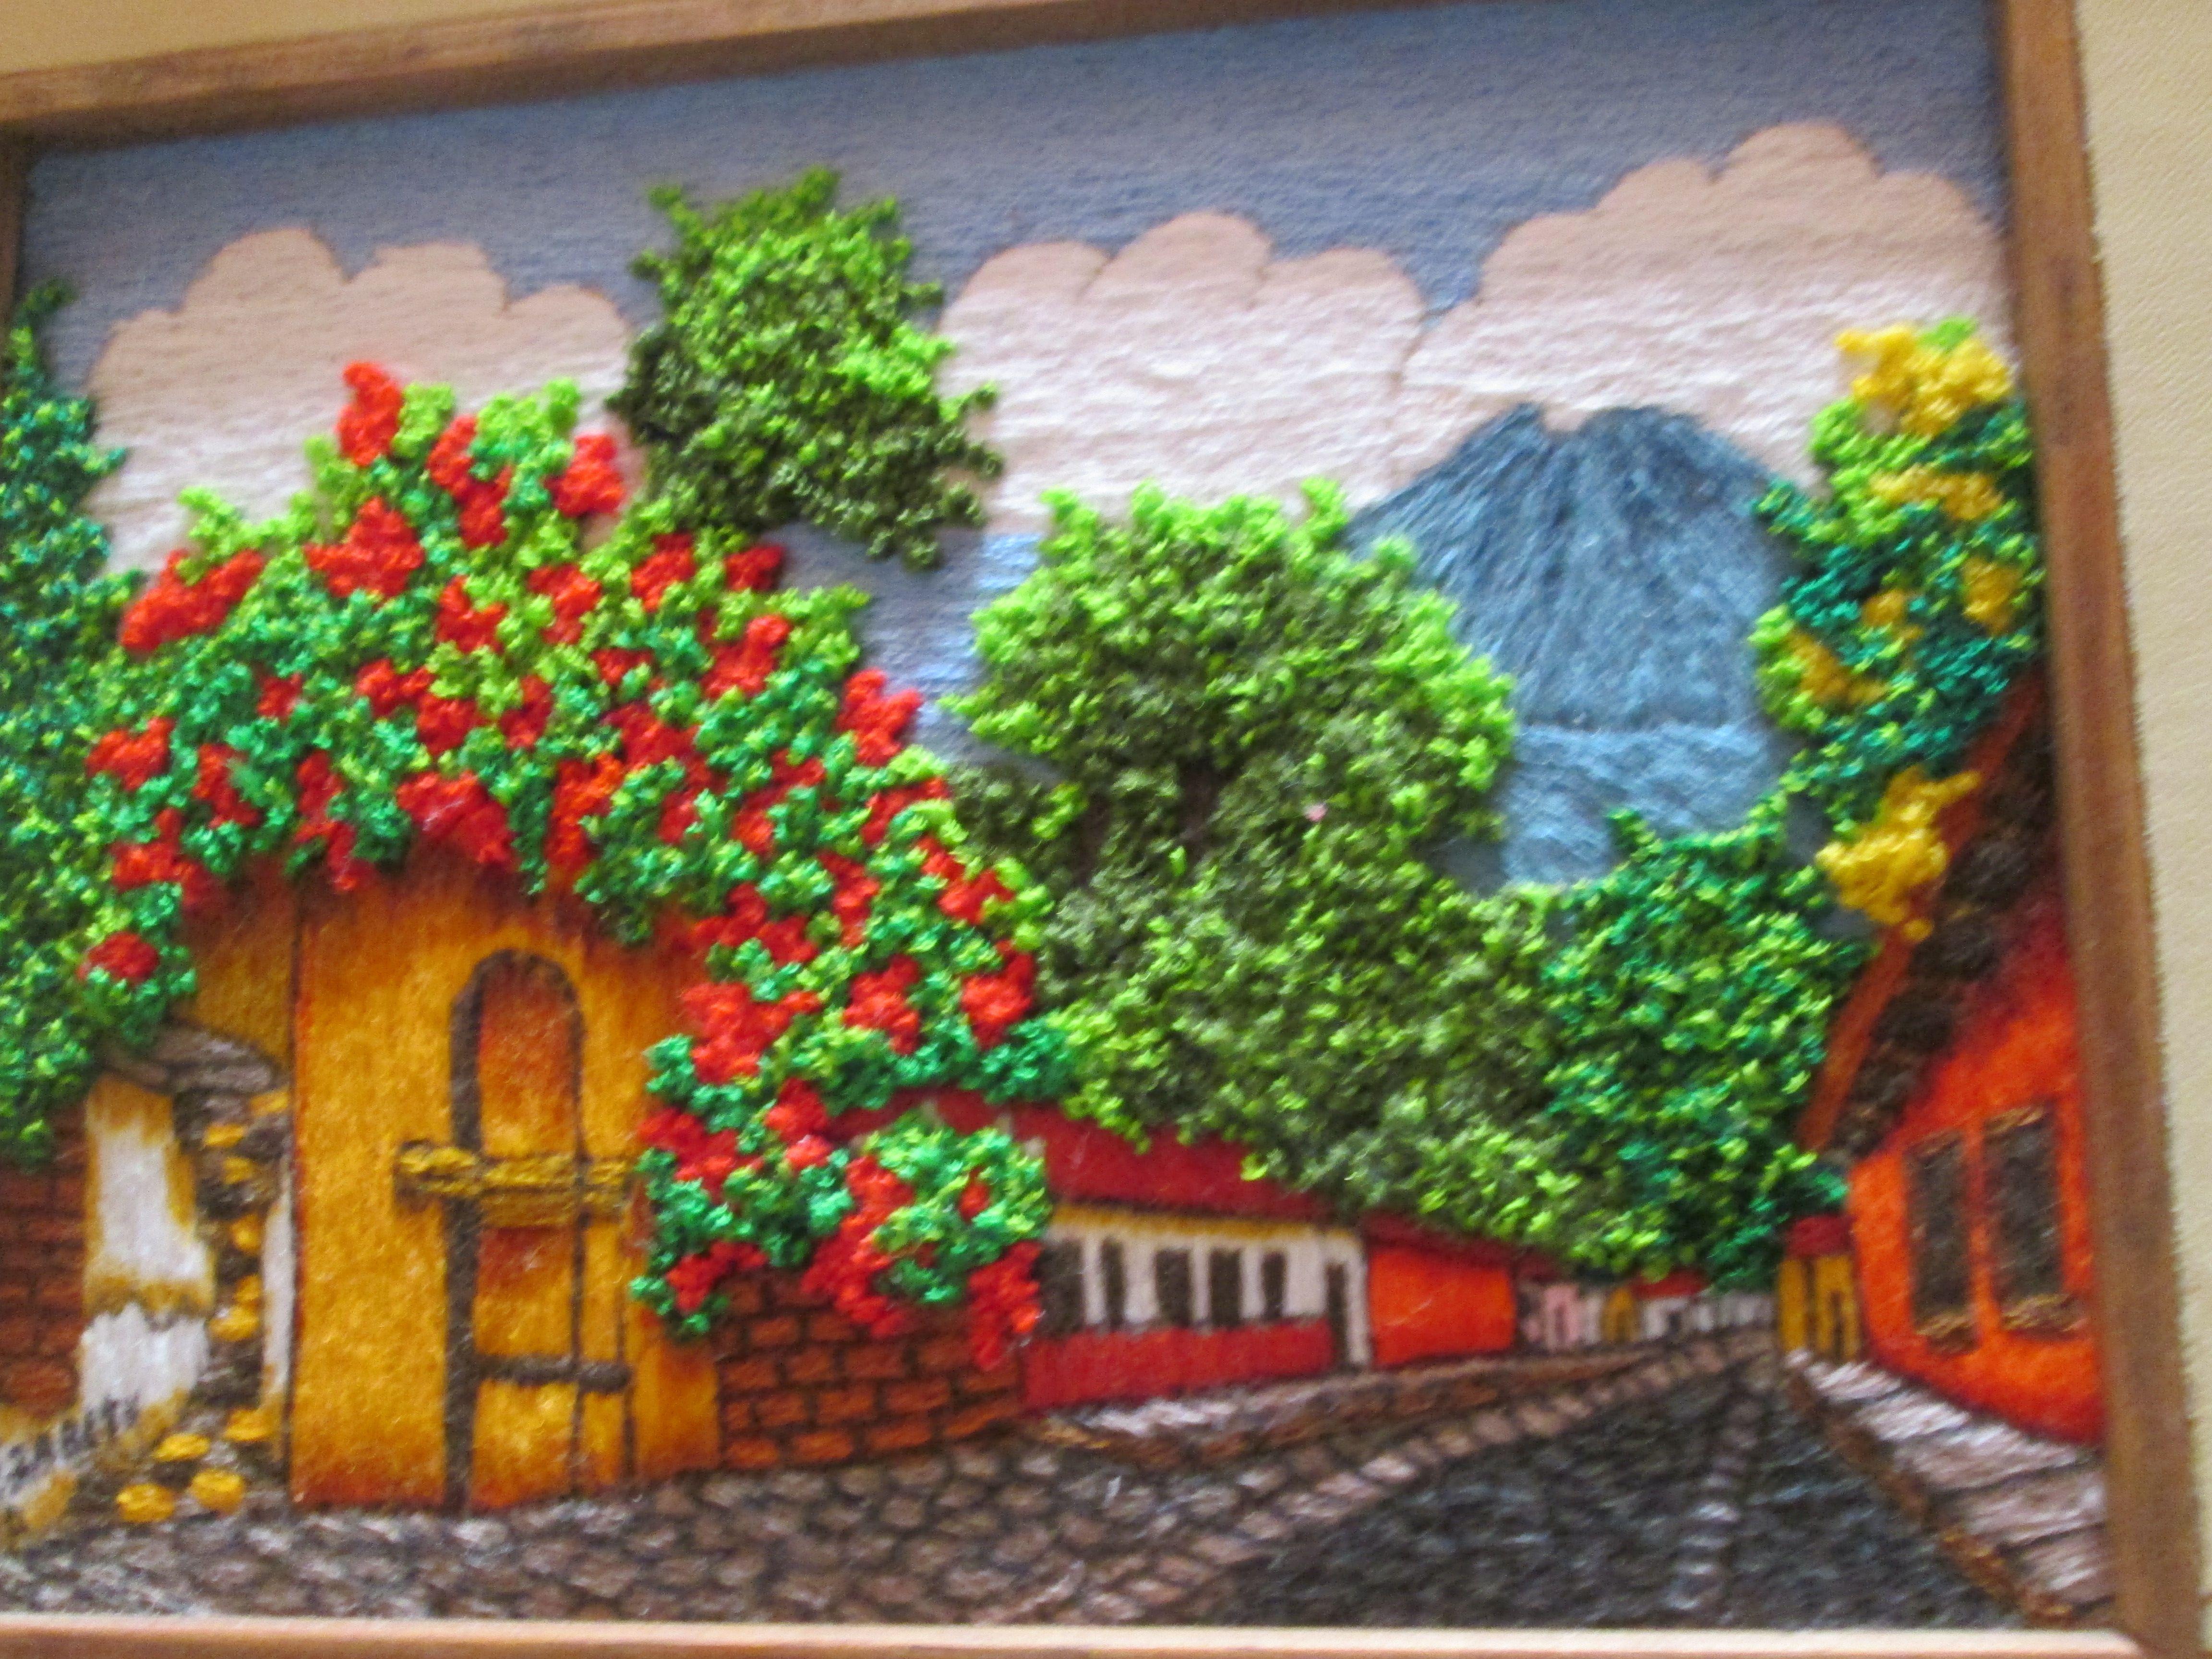 antigua guatemala   cuadros bordados por mi   Pinterest   Bordado ...